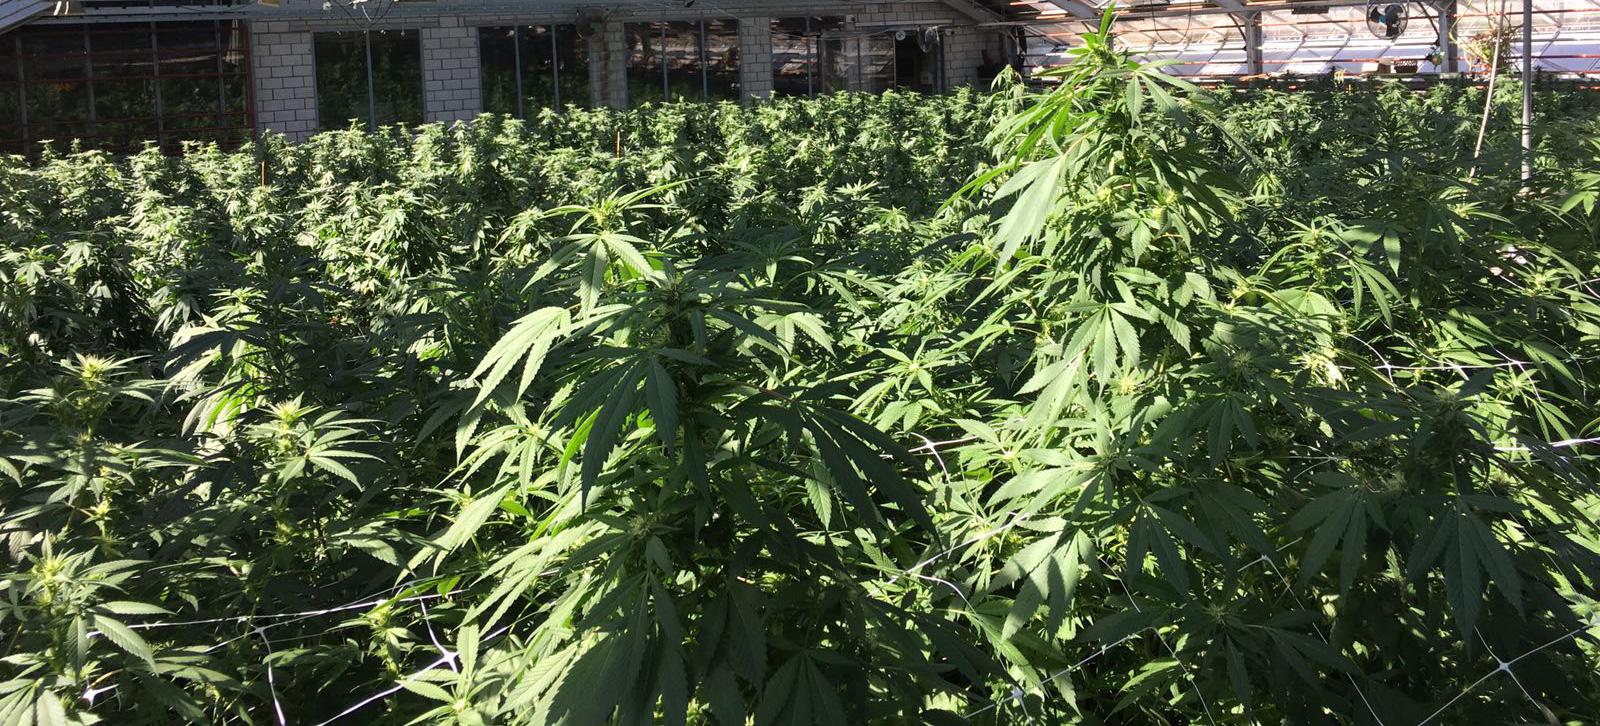 Coltovazione erba legale